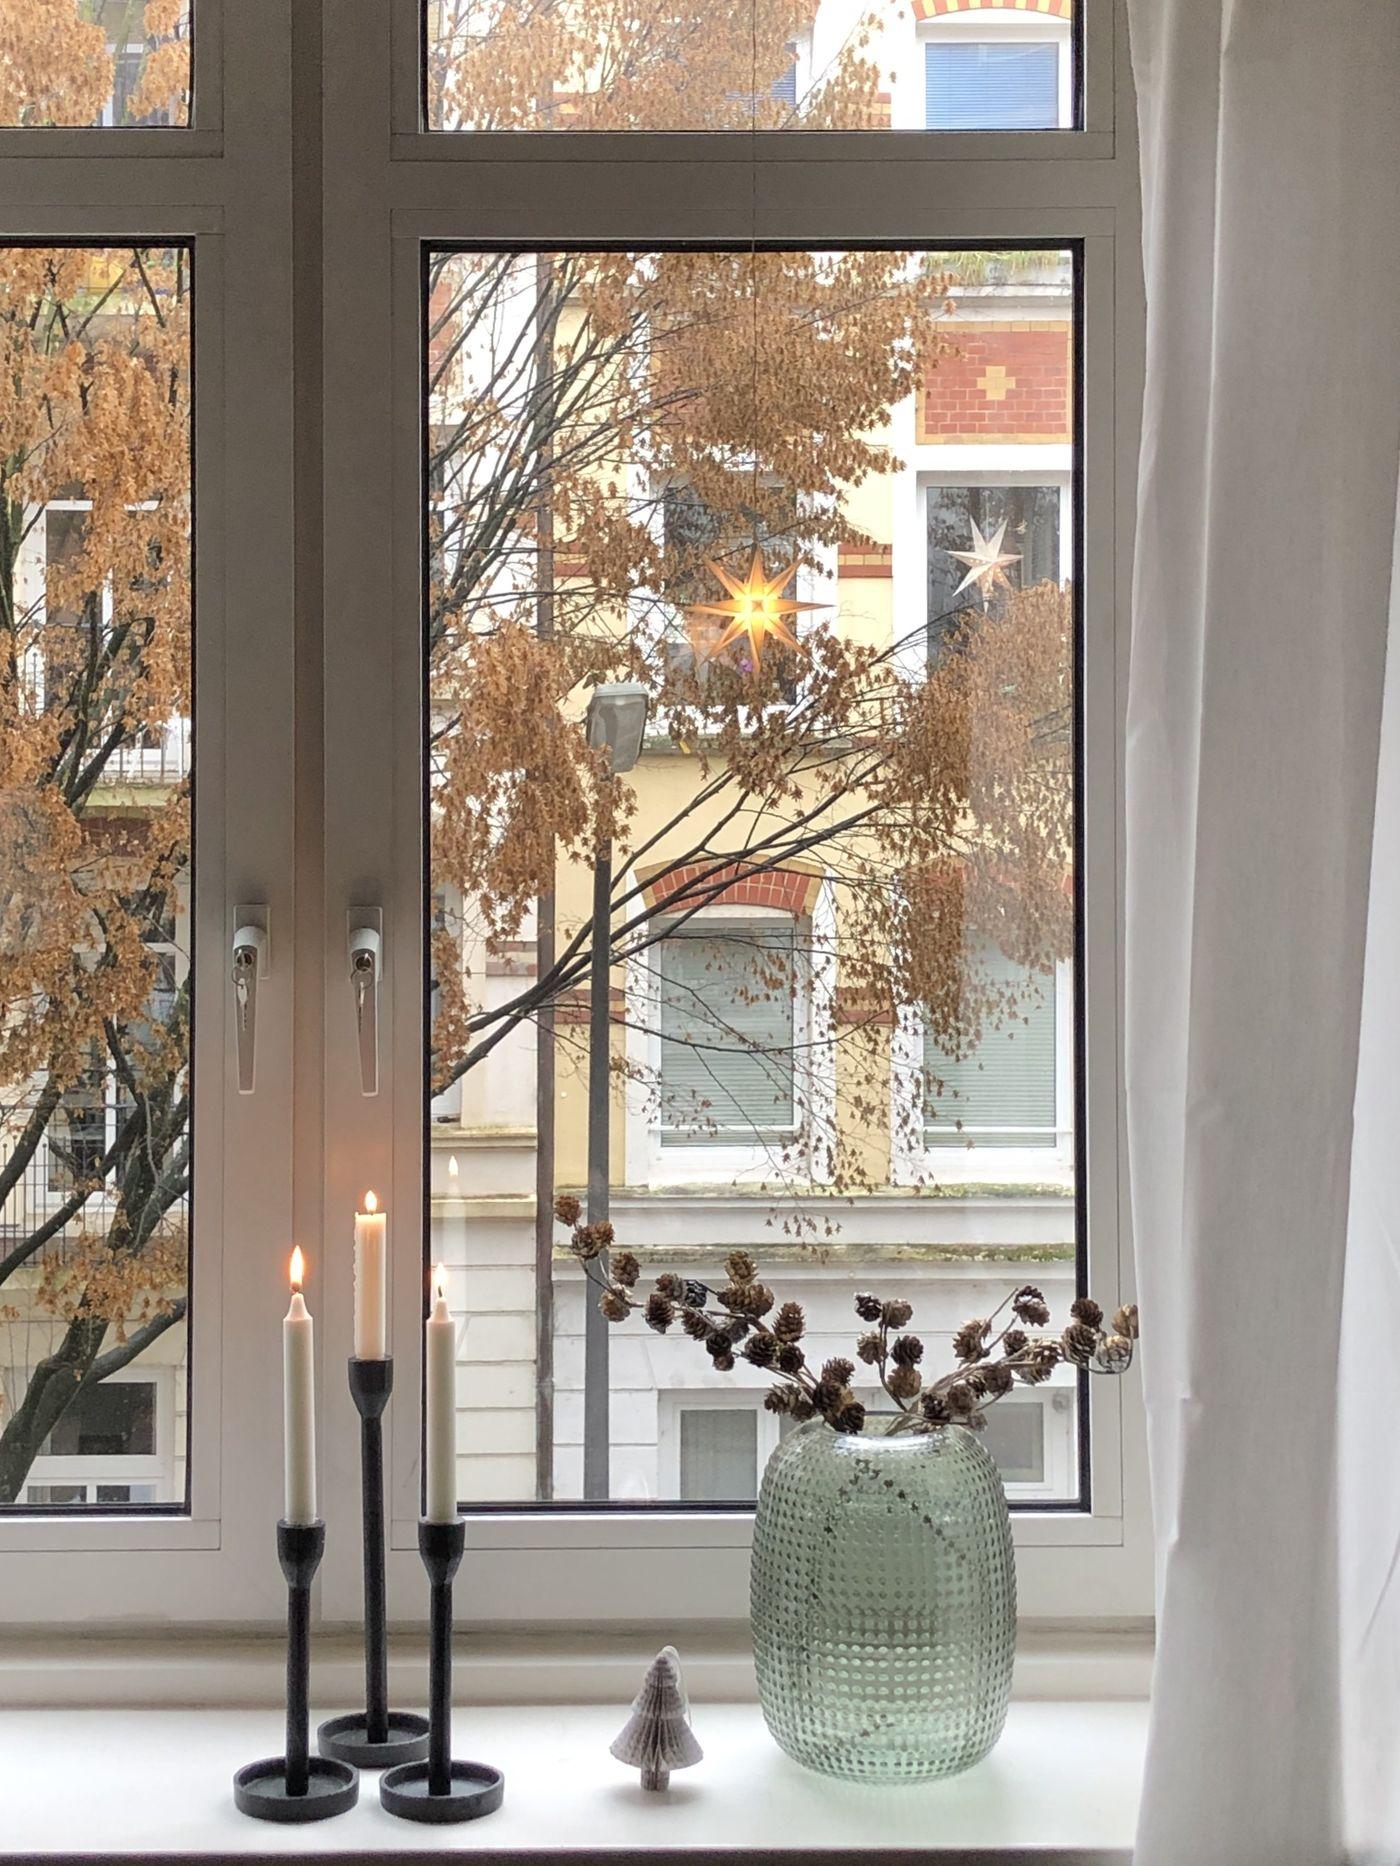 Full Size of Fensterdekoration Küche Fensterdeko Schne Ideen Zum Dekorieren Sonoma Eiche Büroküche Wasserhähne Wandregal Grau Hochglanz Fliesenspiegel Selber Machen Wohnzimmer Fensterdekoration Küche